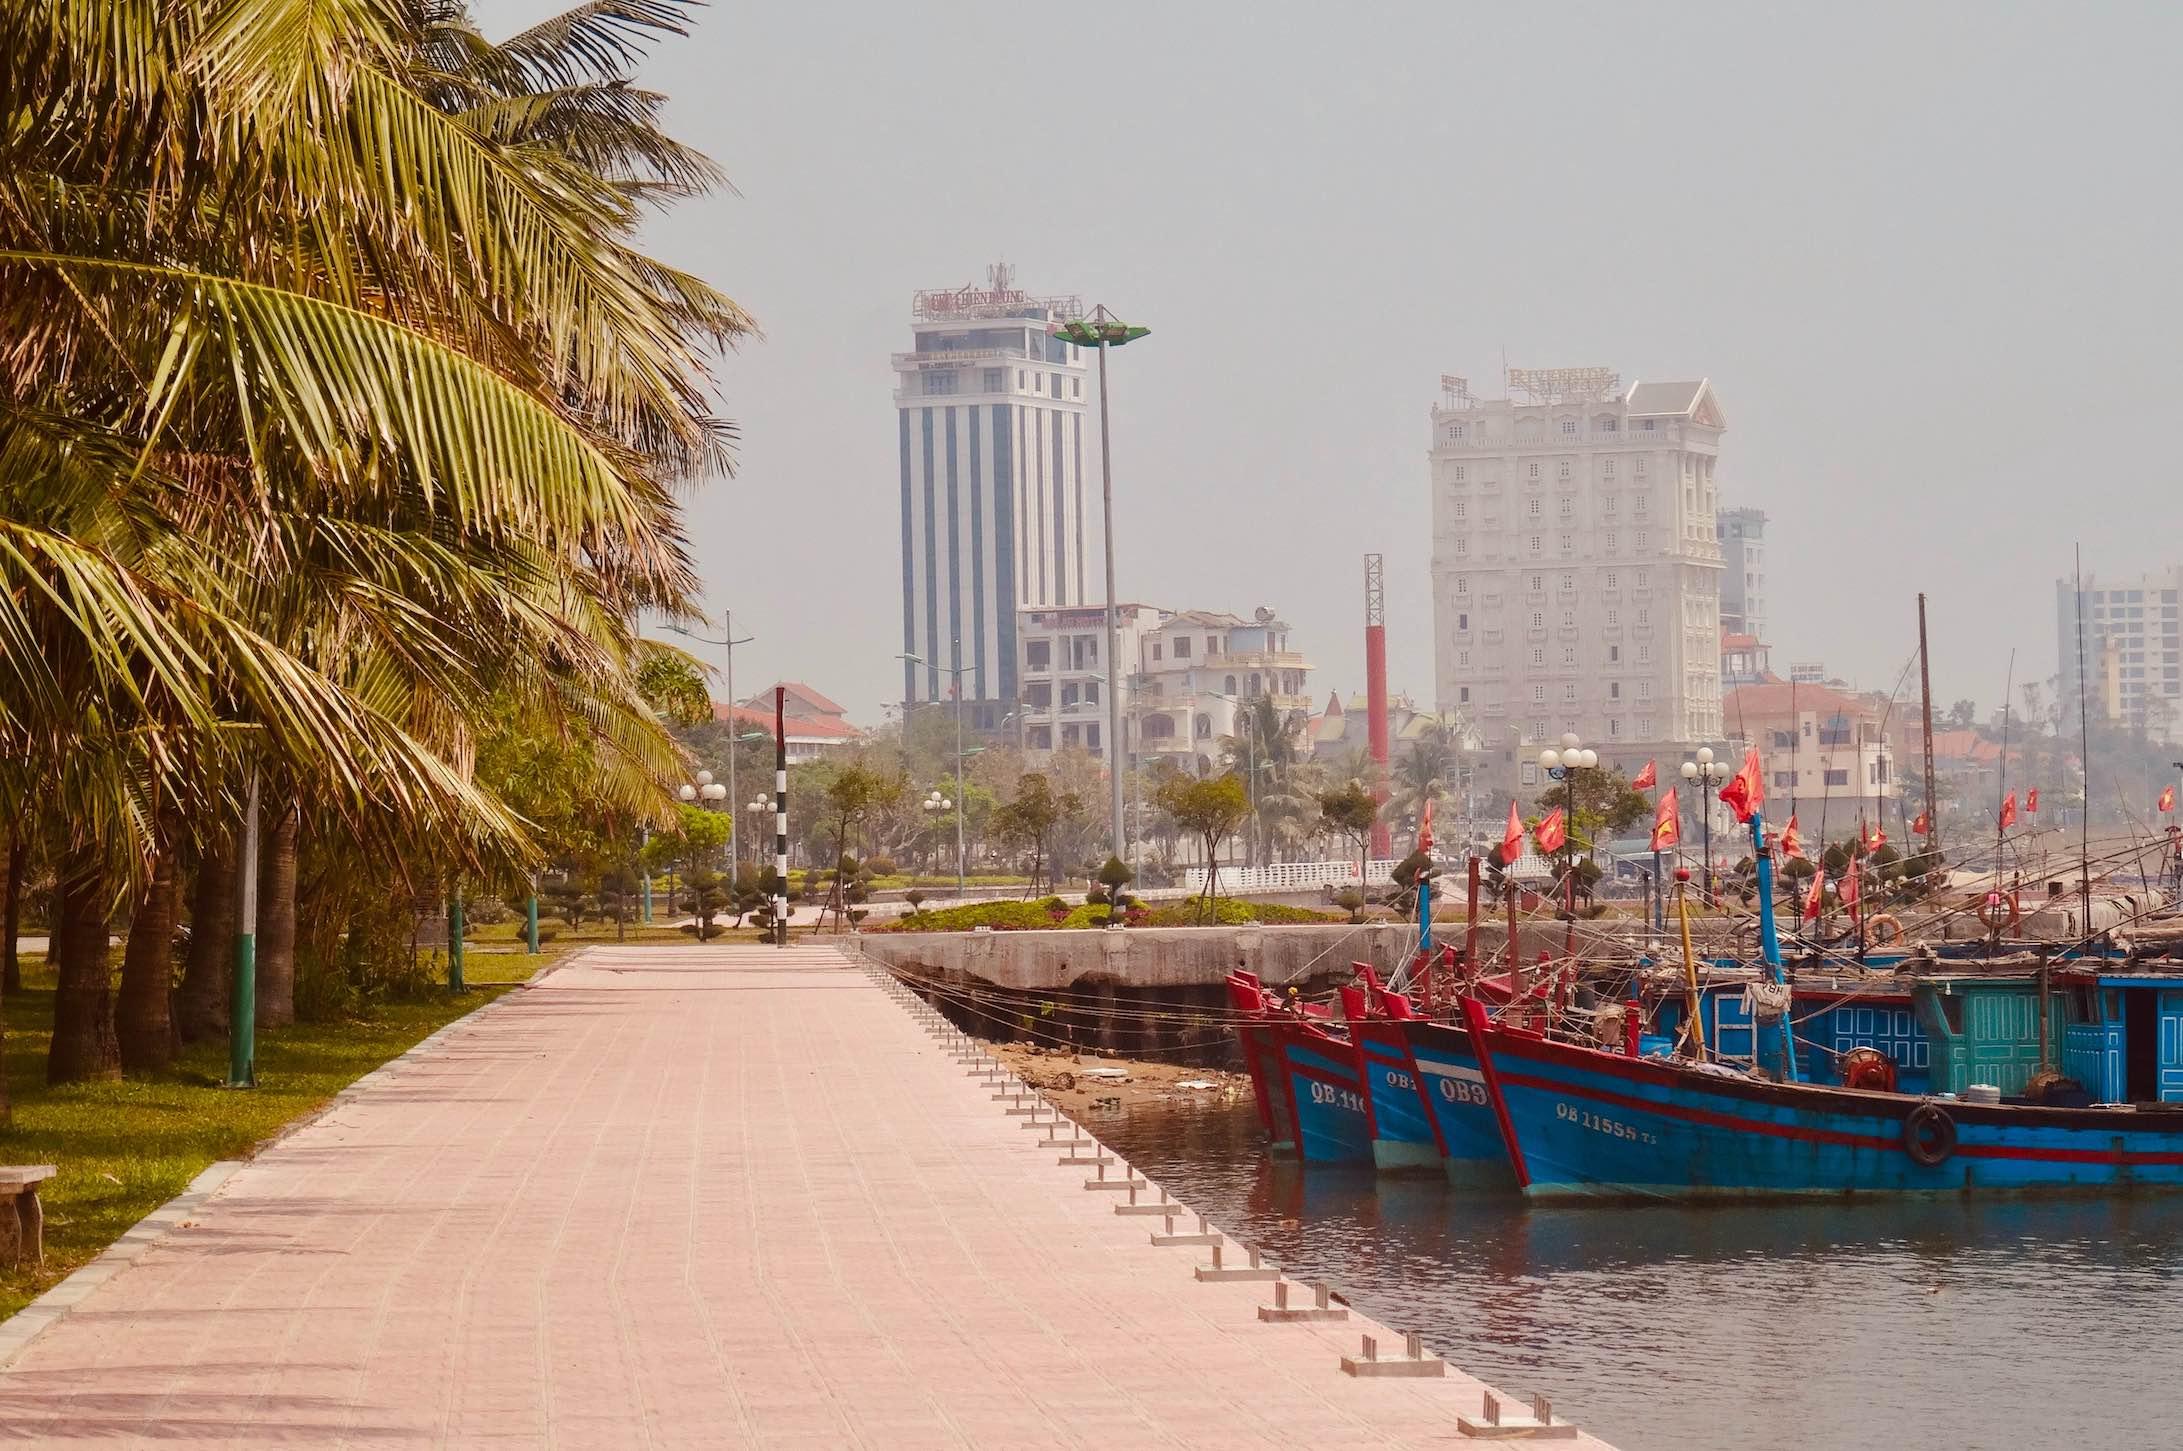 Dong Hoi Harbour in Vietnam.